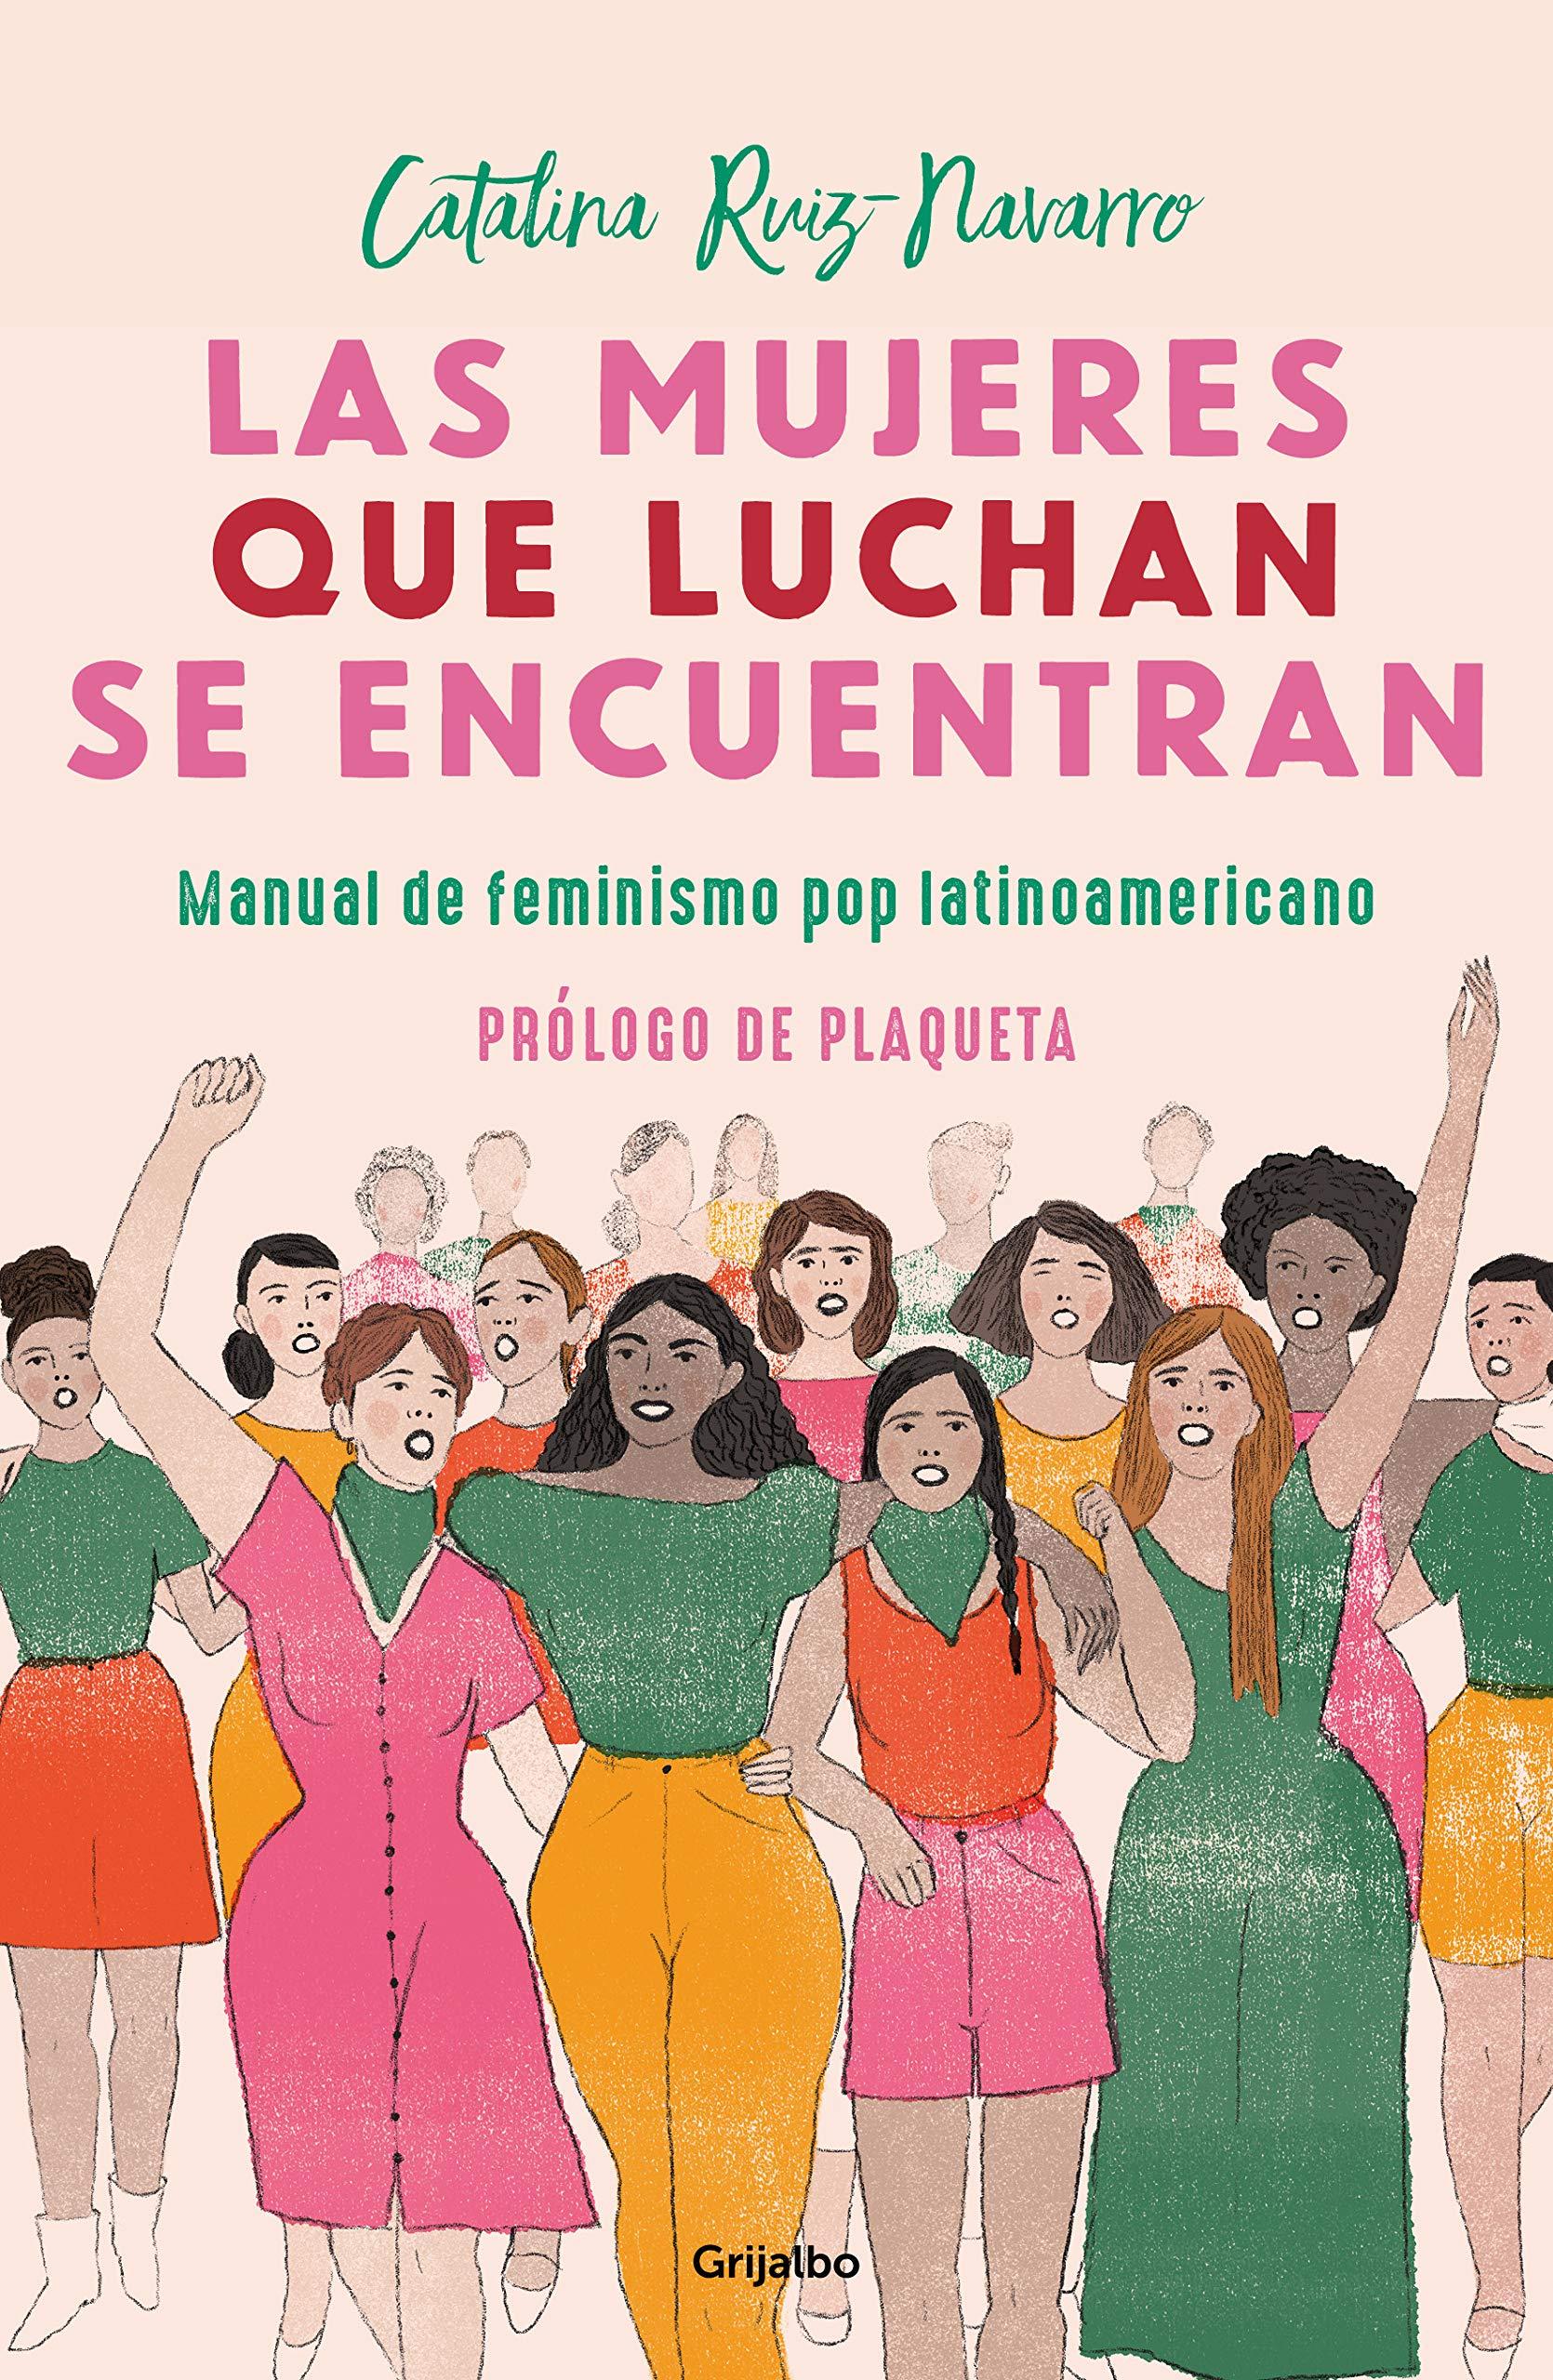 Las Mujeres Que Luchan Se Encuentran: Manual de Feminismo Pop Latinoamericano: Amazon.es: Ruiz Navarro, Catalina: Libros